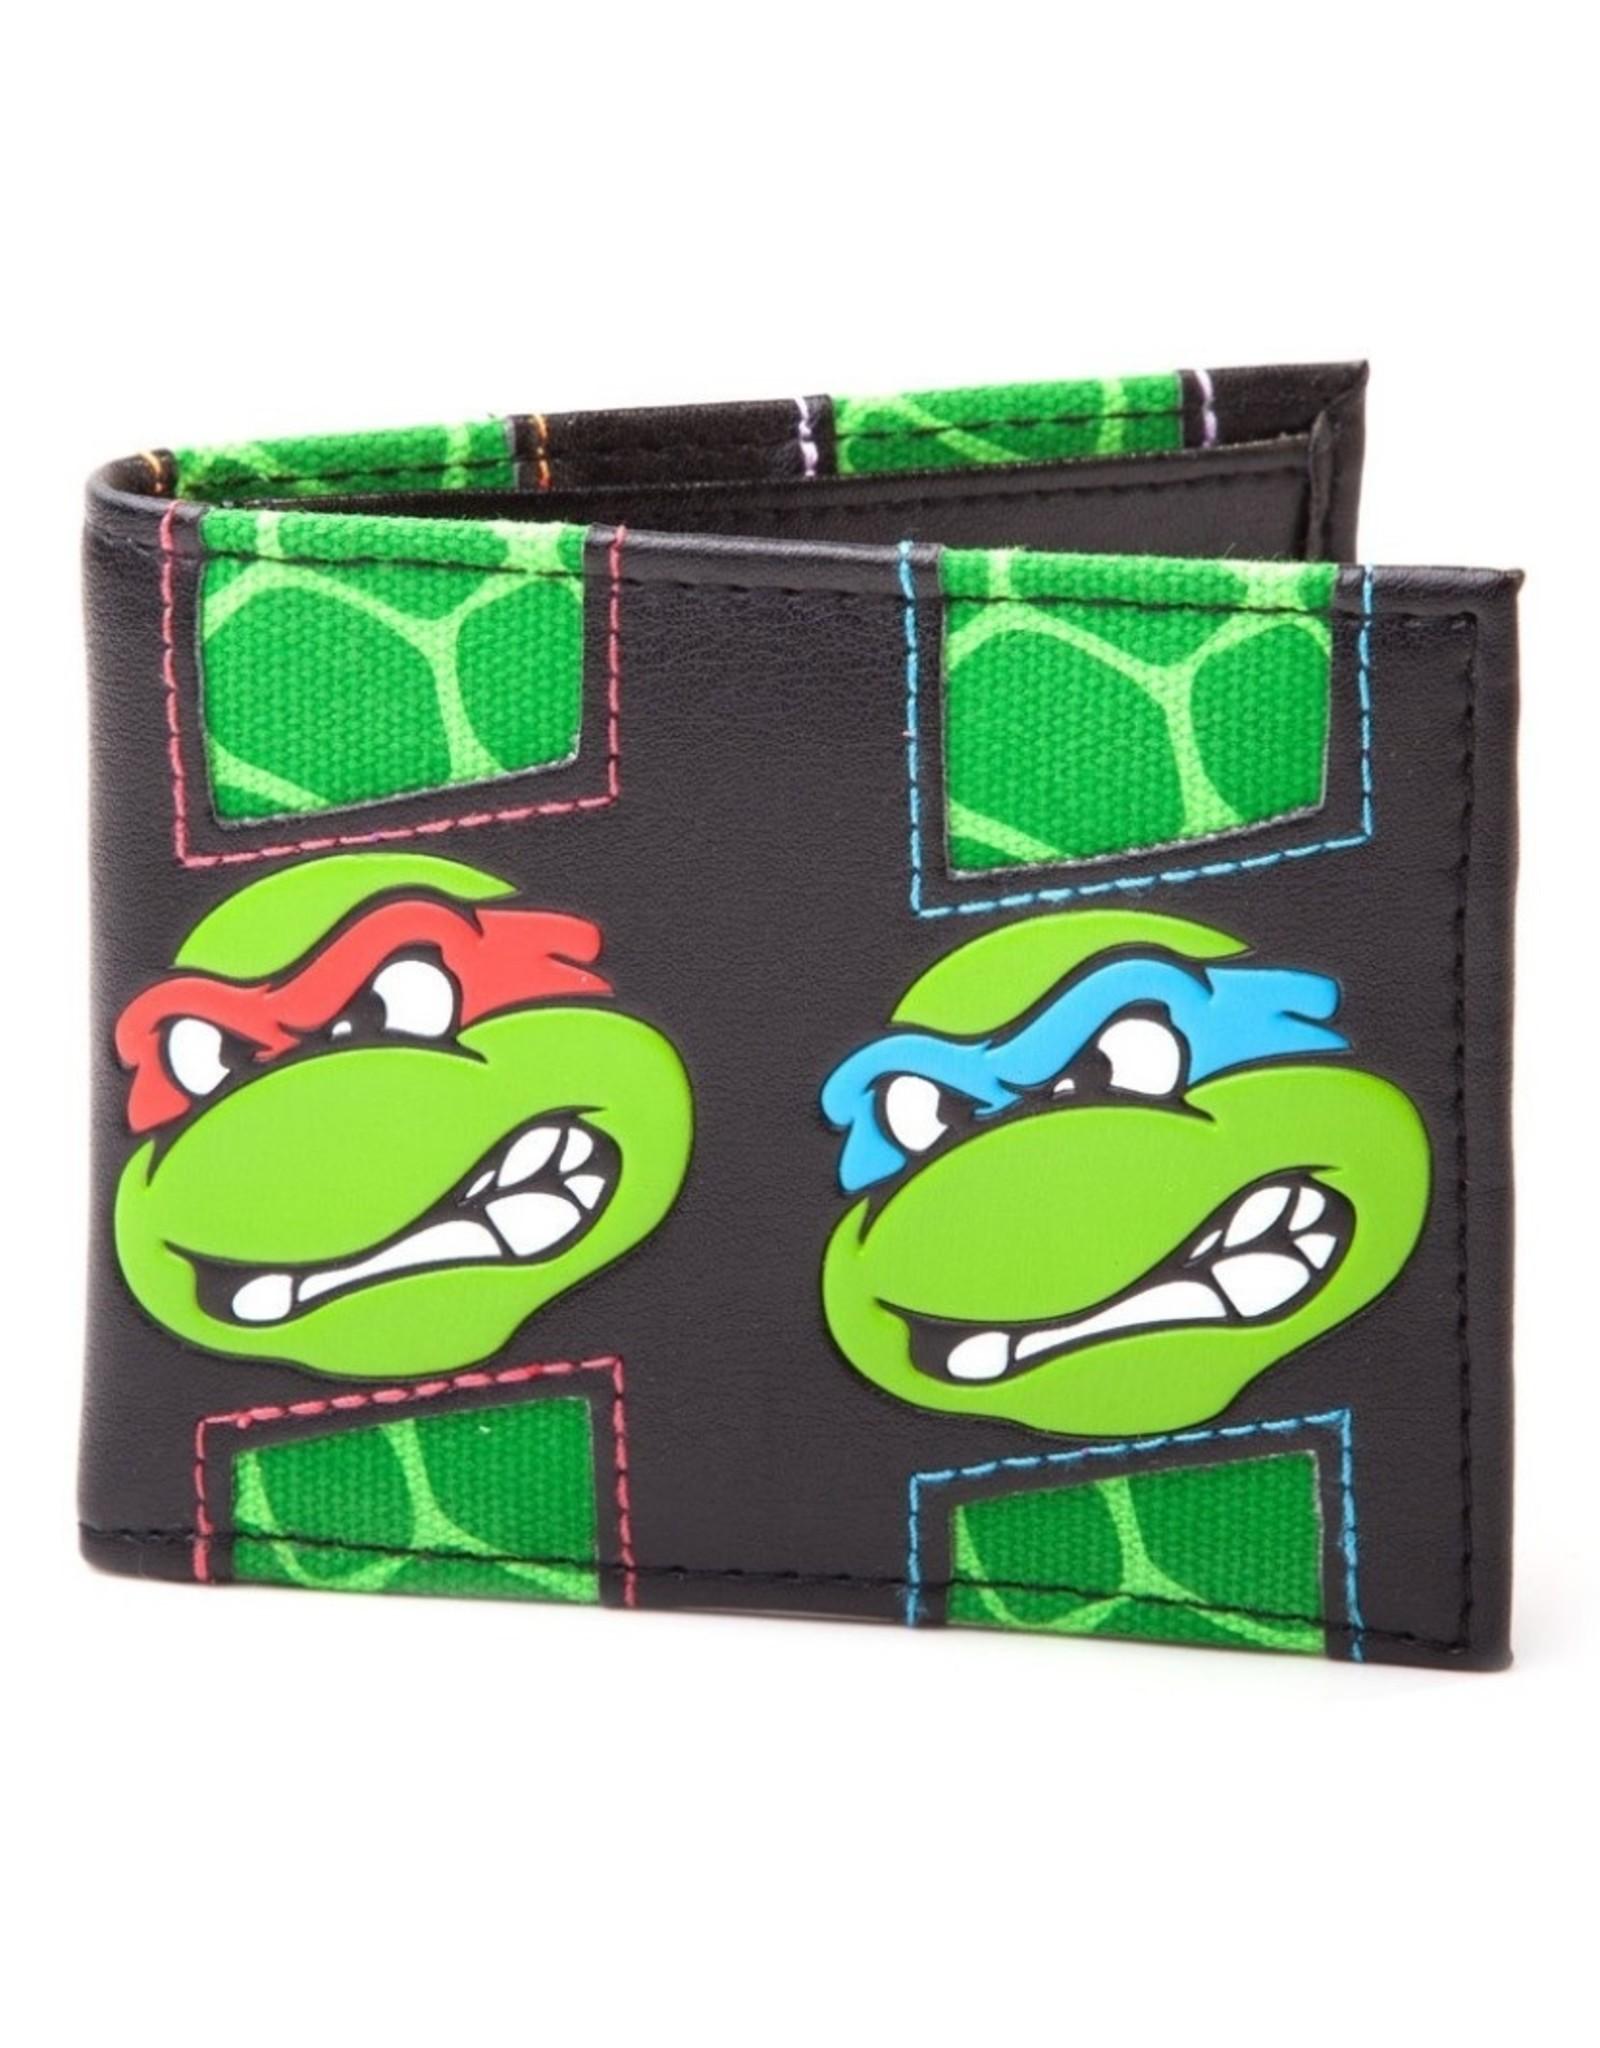 Ninja Turtles Merchandise portemonnees - Ninja Turtles portemonnee